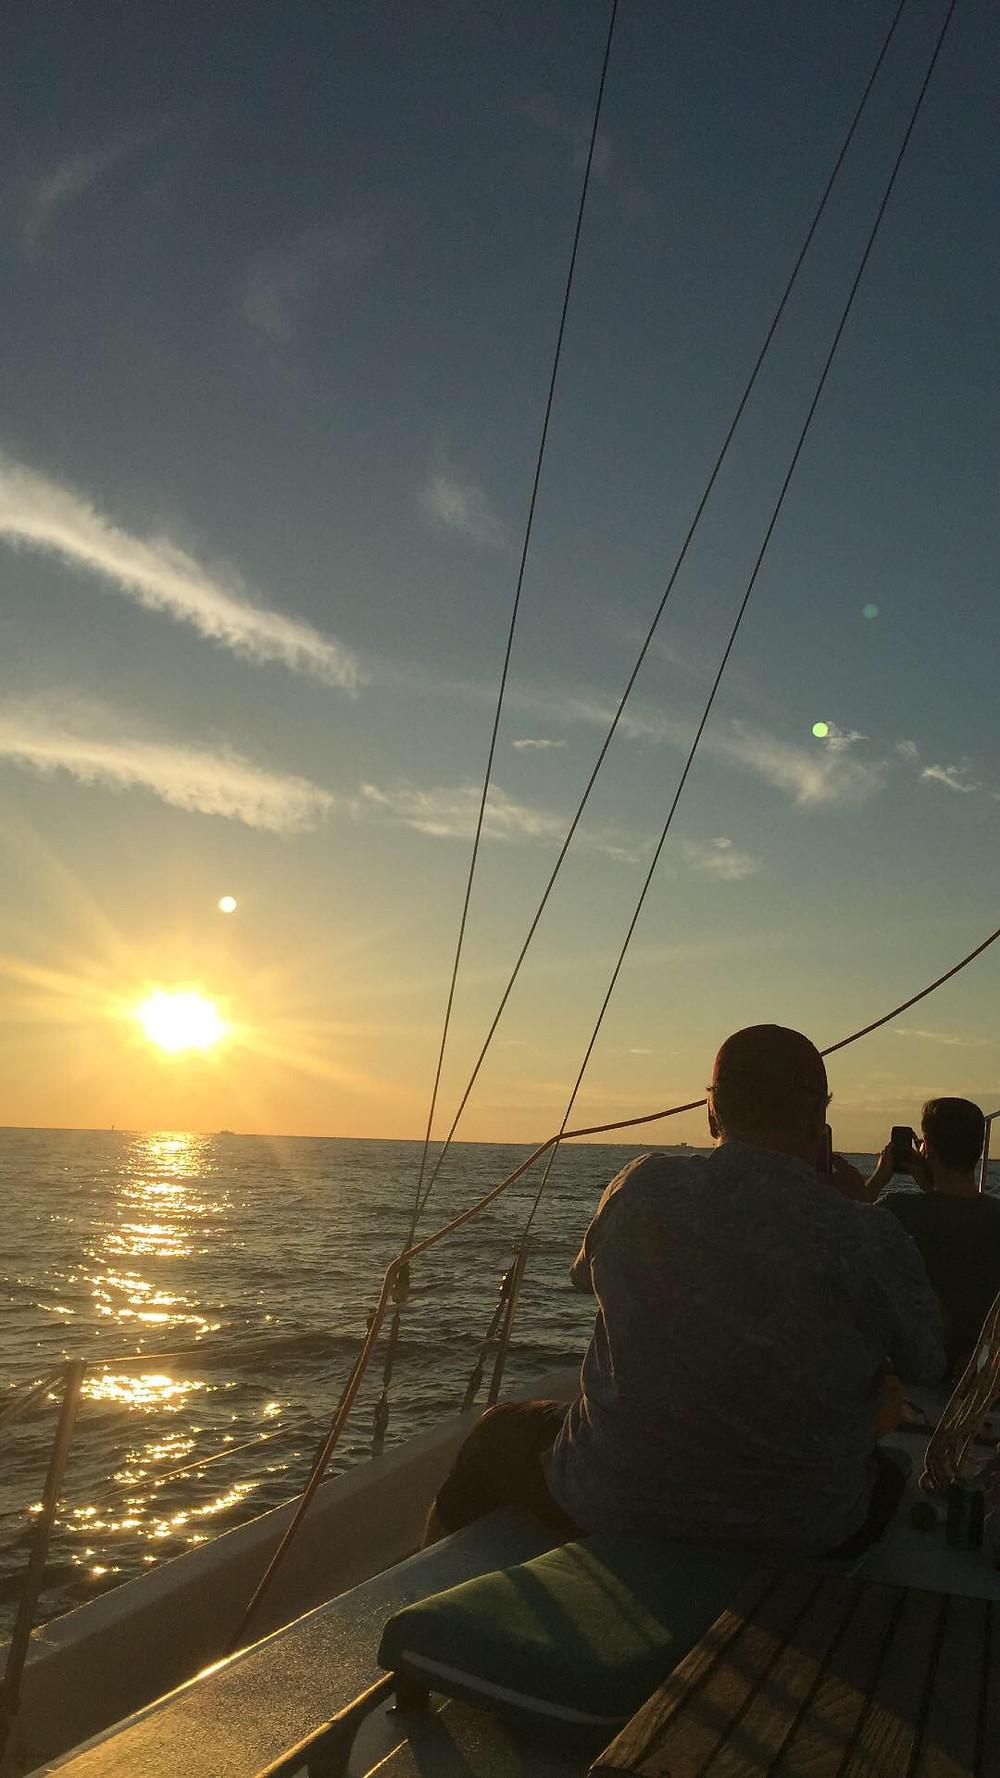 fall break, Destin florida, sunset, sailing, sailboat, private sailing cruise, fair winds sailing co, gulf of mexico, emerald coast